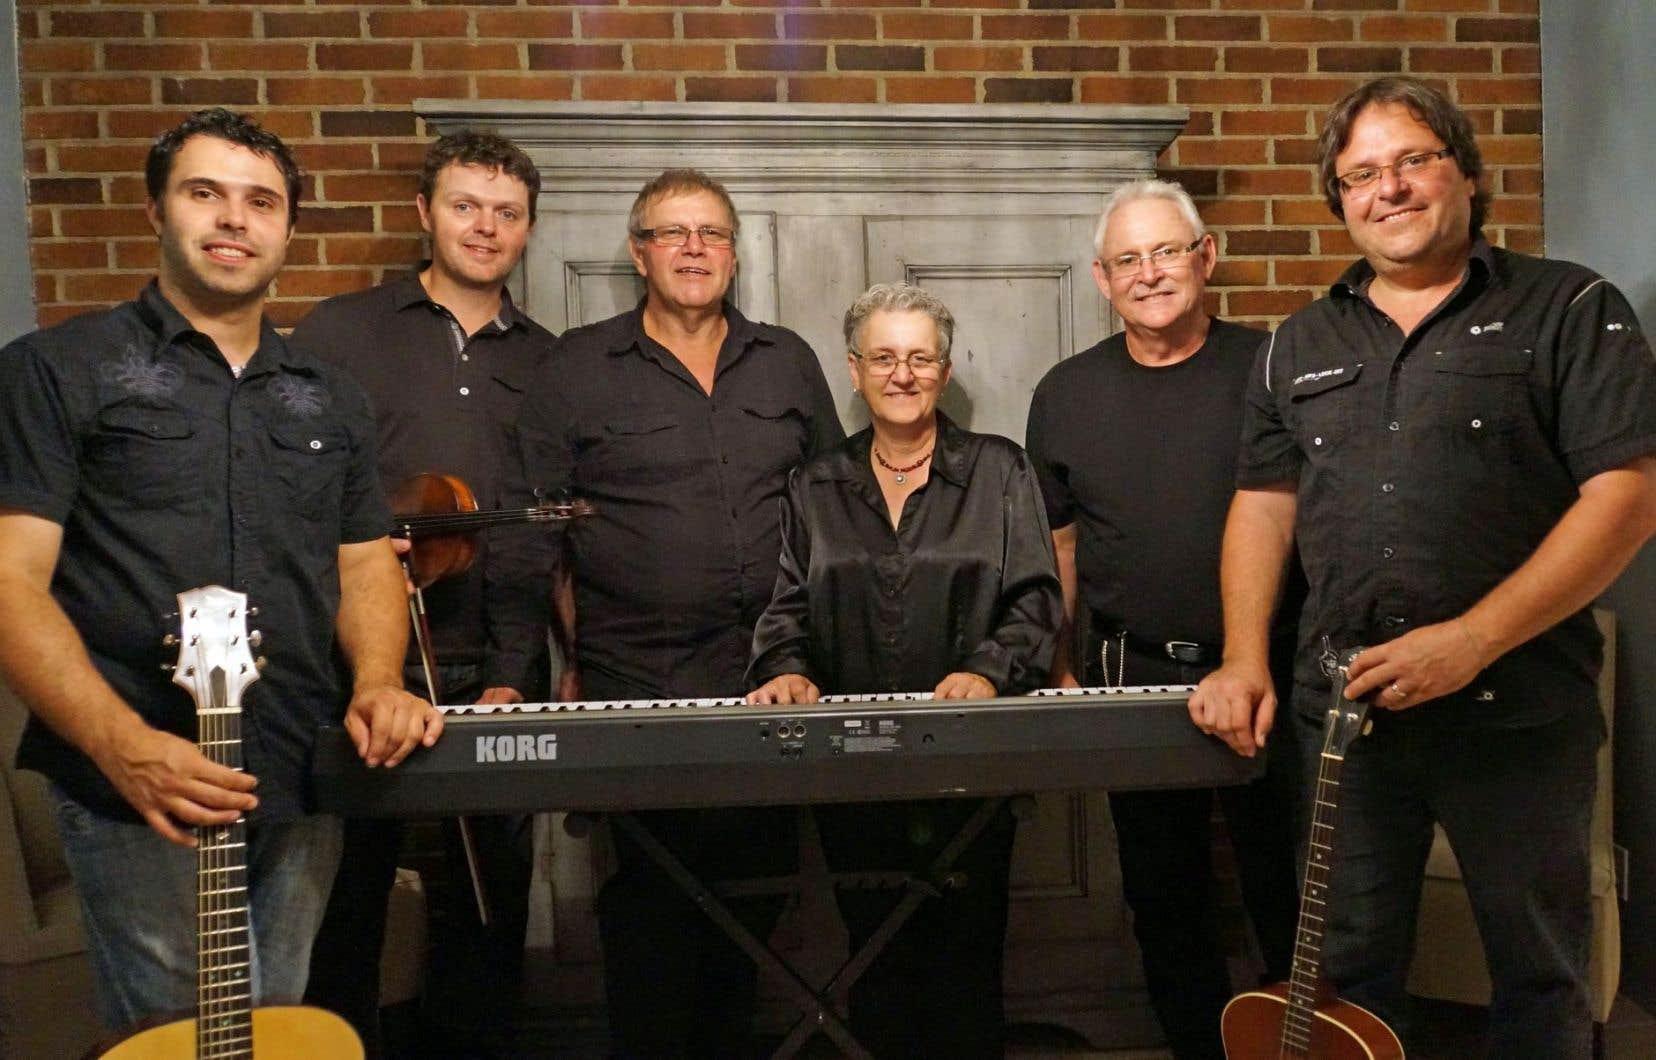 Hommage aux aînés est un groupe de chansons à répondre, un vrai de vrai, auquel se sont joints quelques jeunes dans les dernières années.